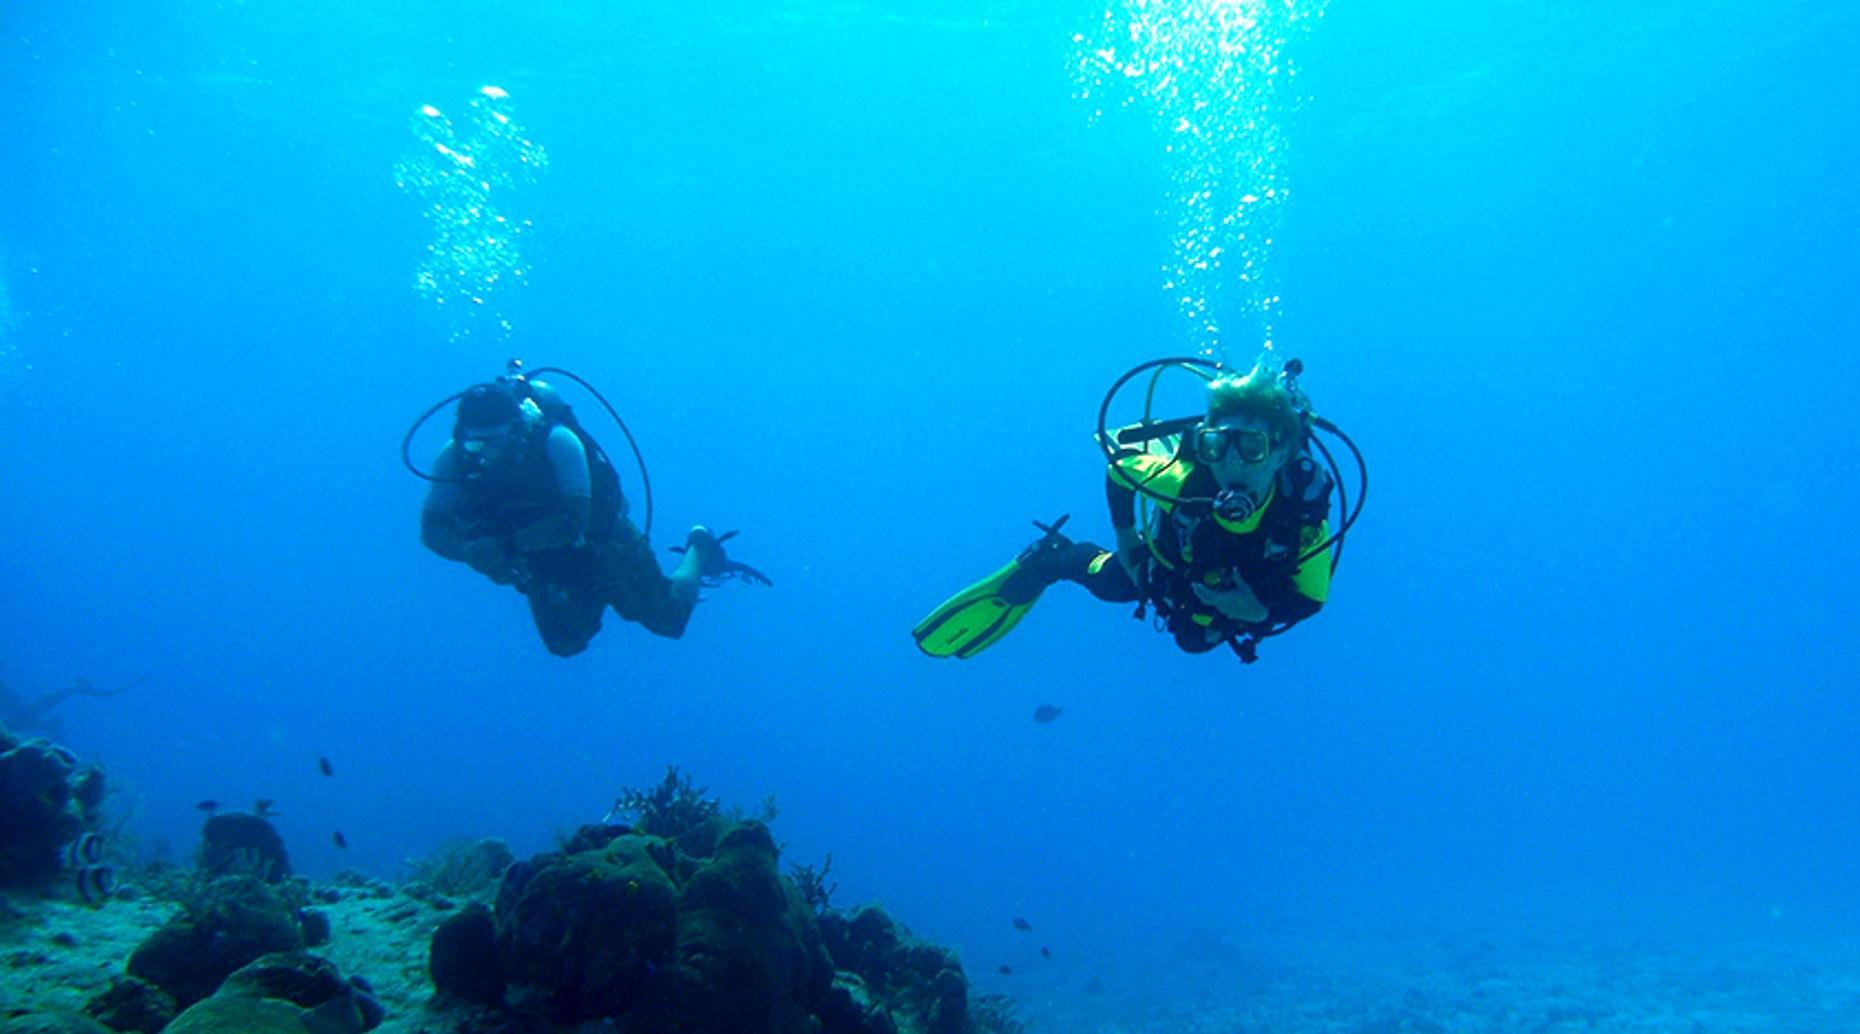 Scuba Diving with Grouper in Boynton Beach